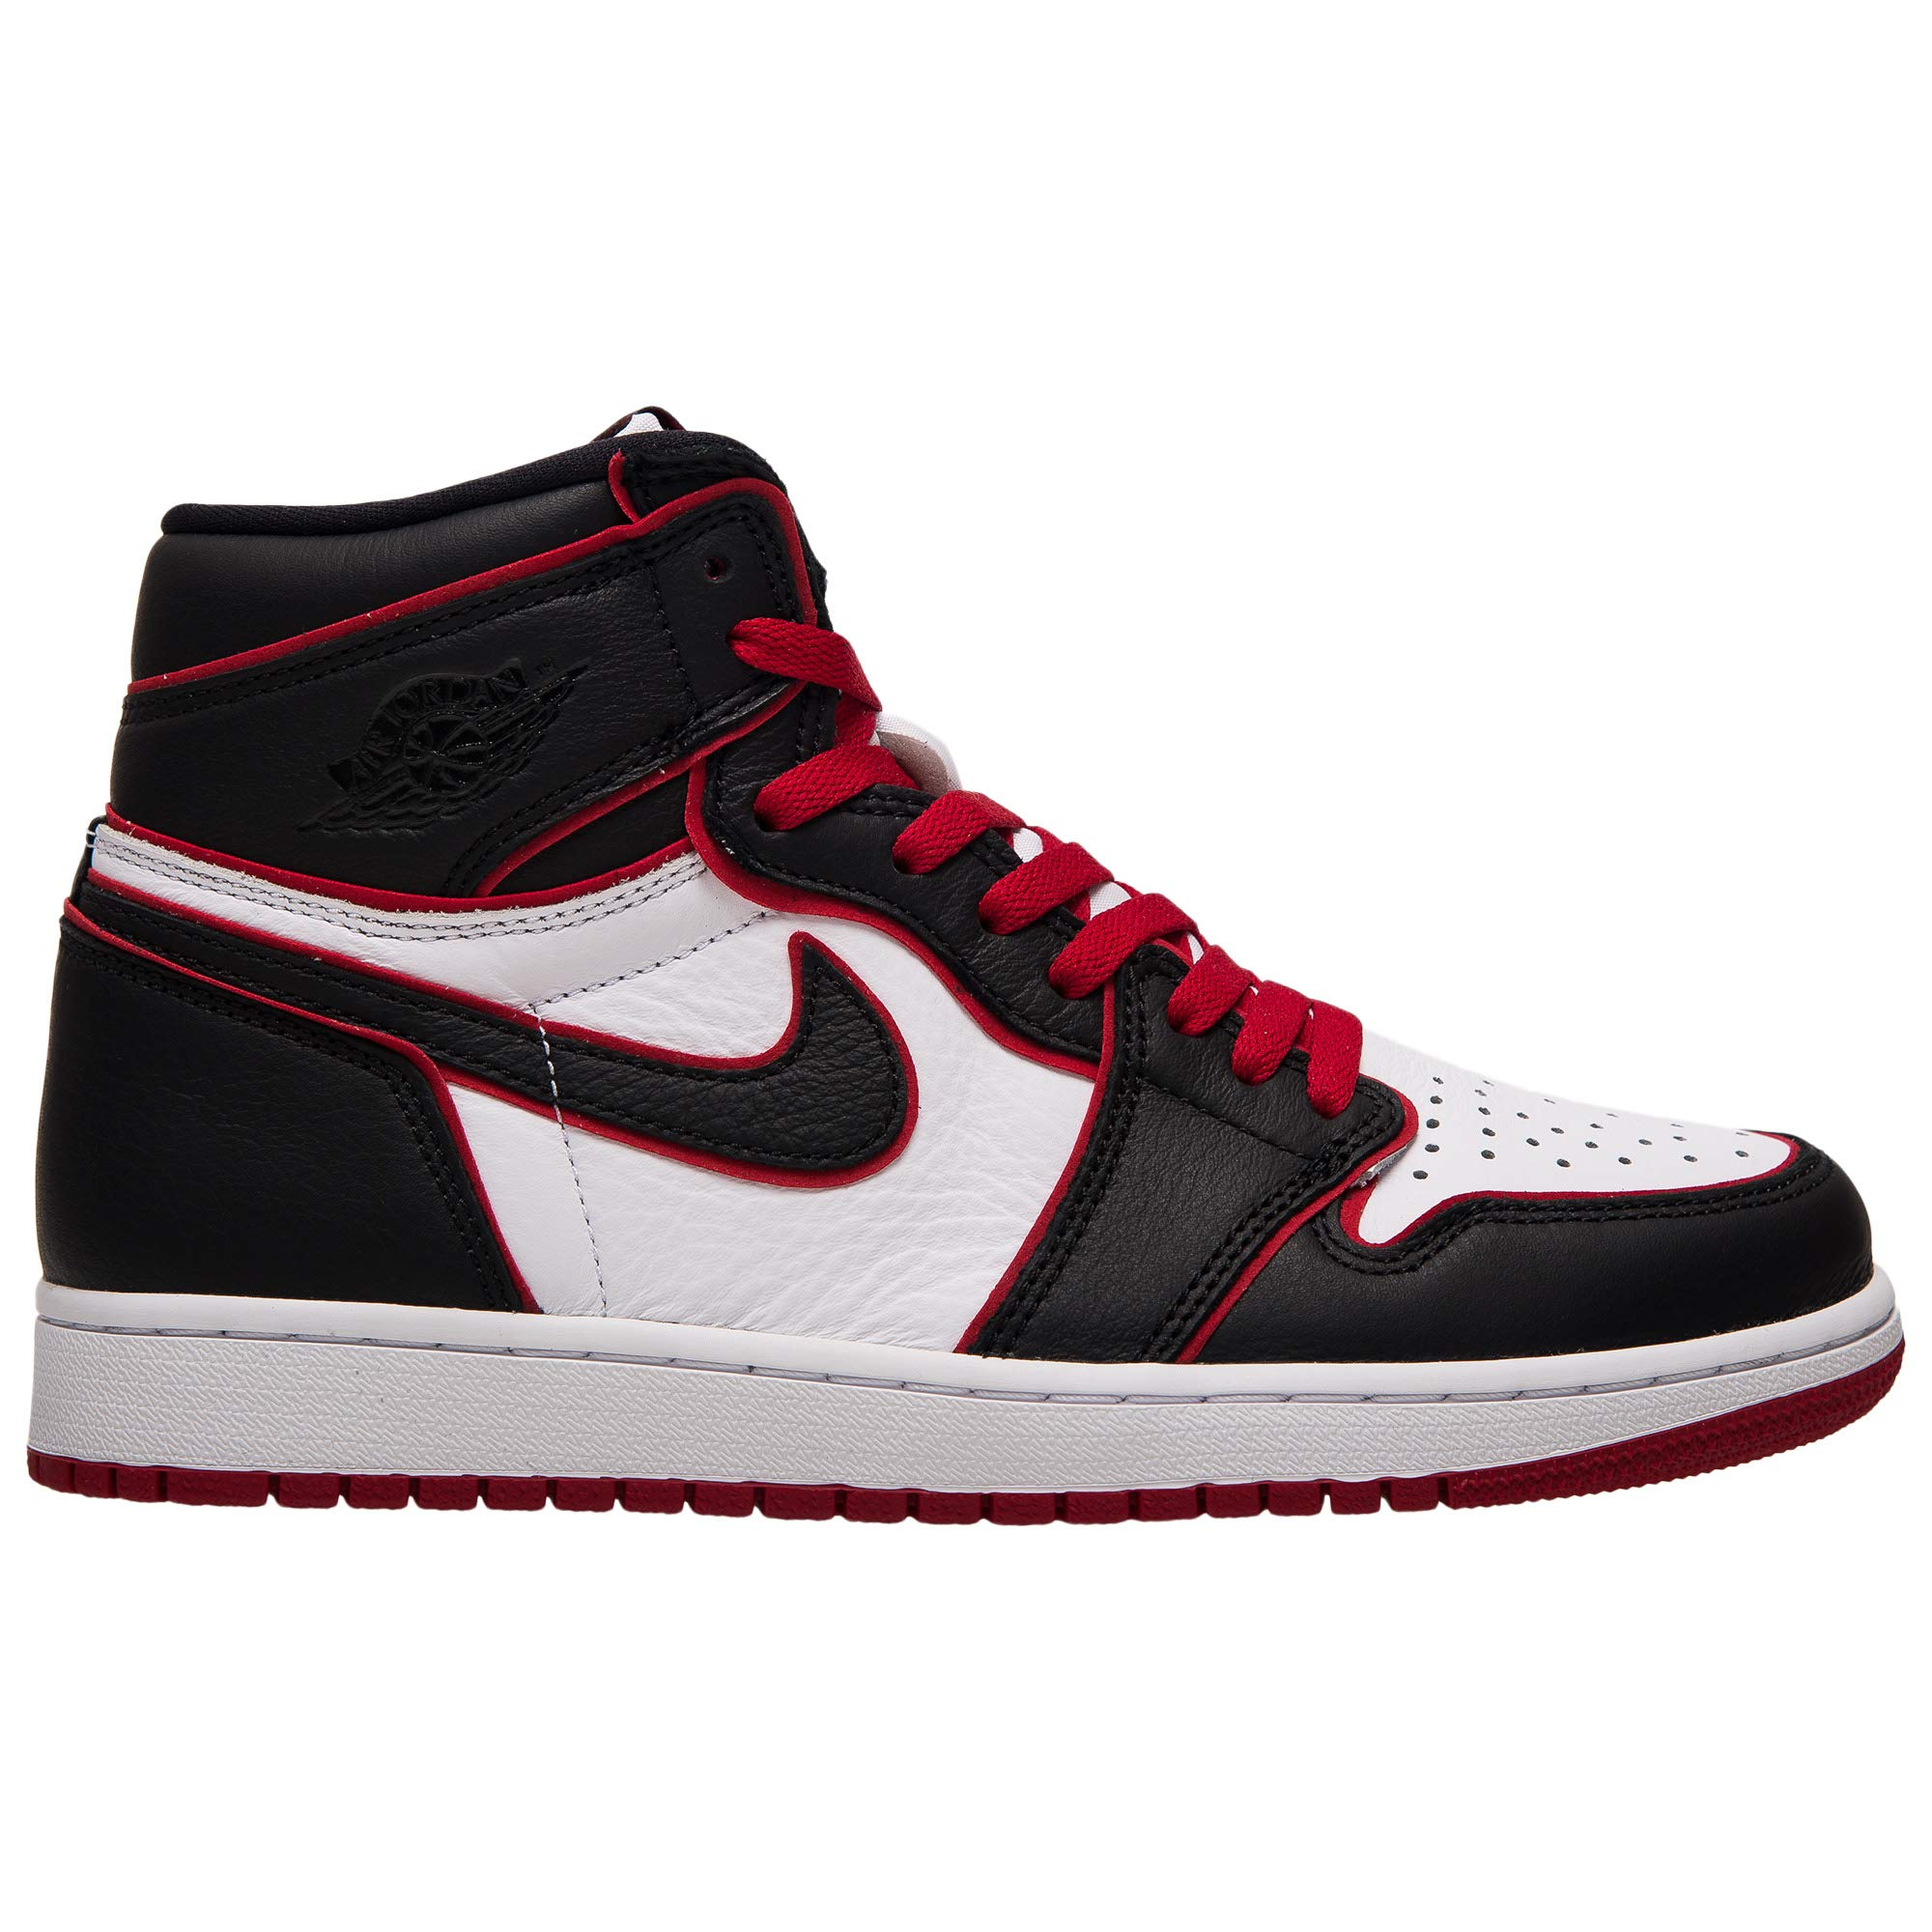 Retro High Og Fitness Shoes